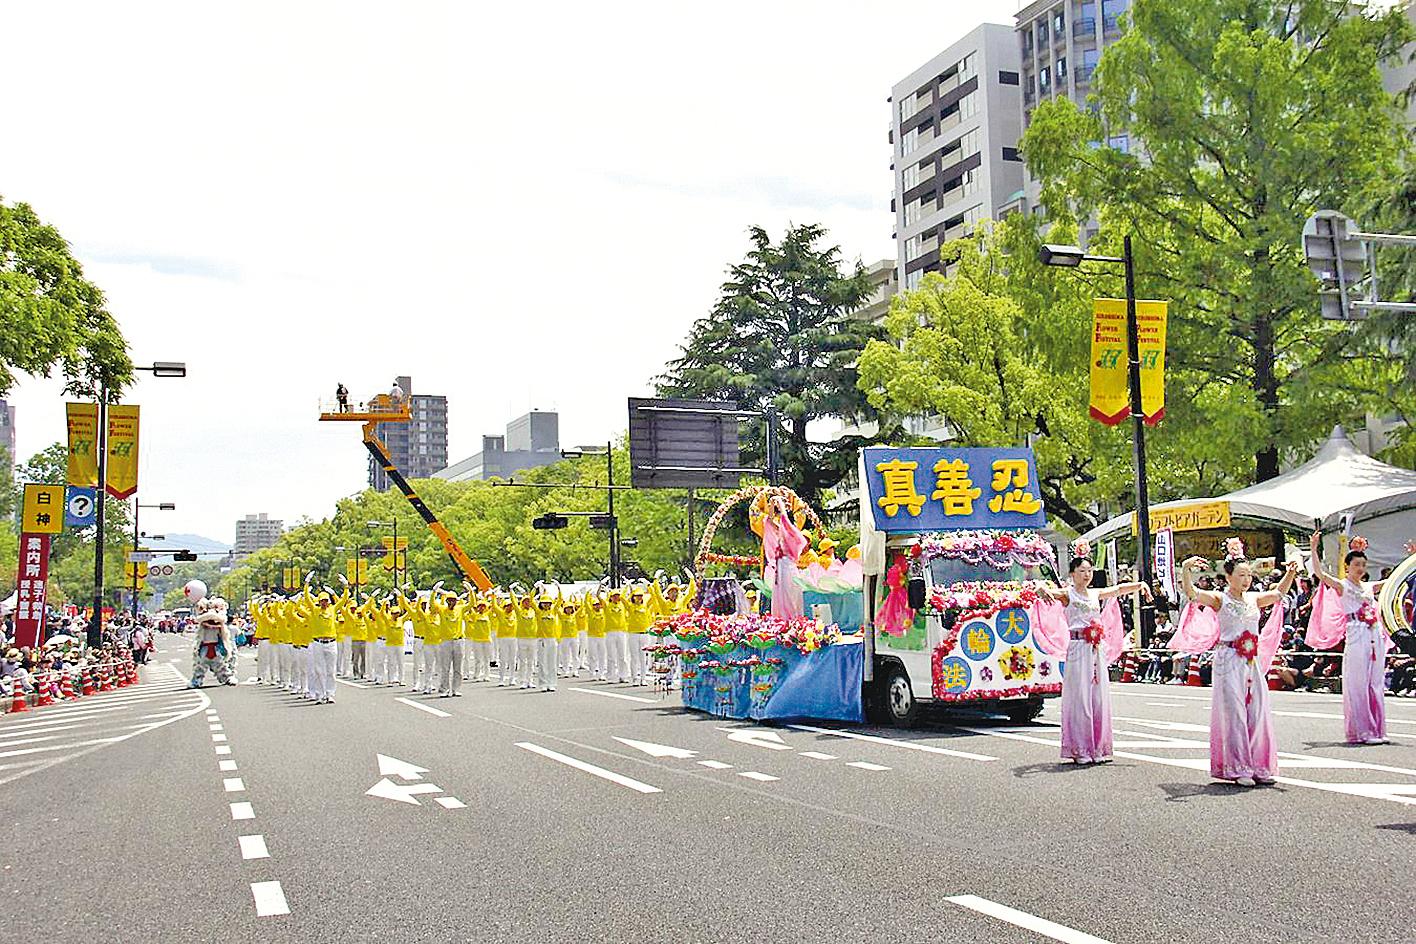 今年的日本廣島鮮花節吸引了近65萬人觀看,法輪功學員是連續第十七年參加這個活動。(明慧網)